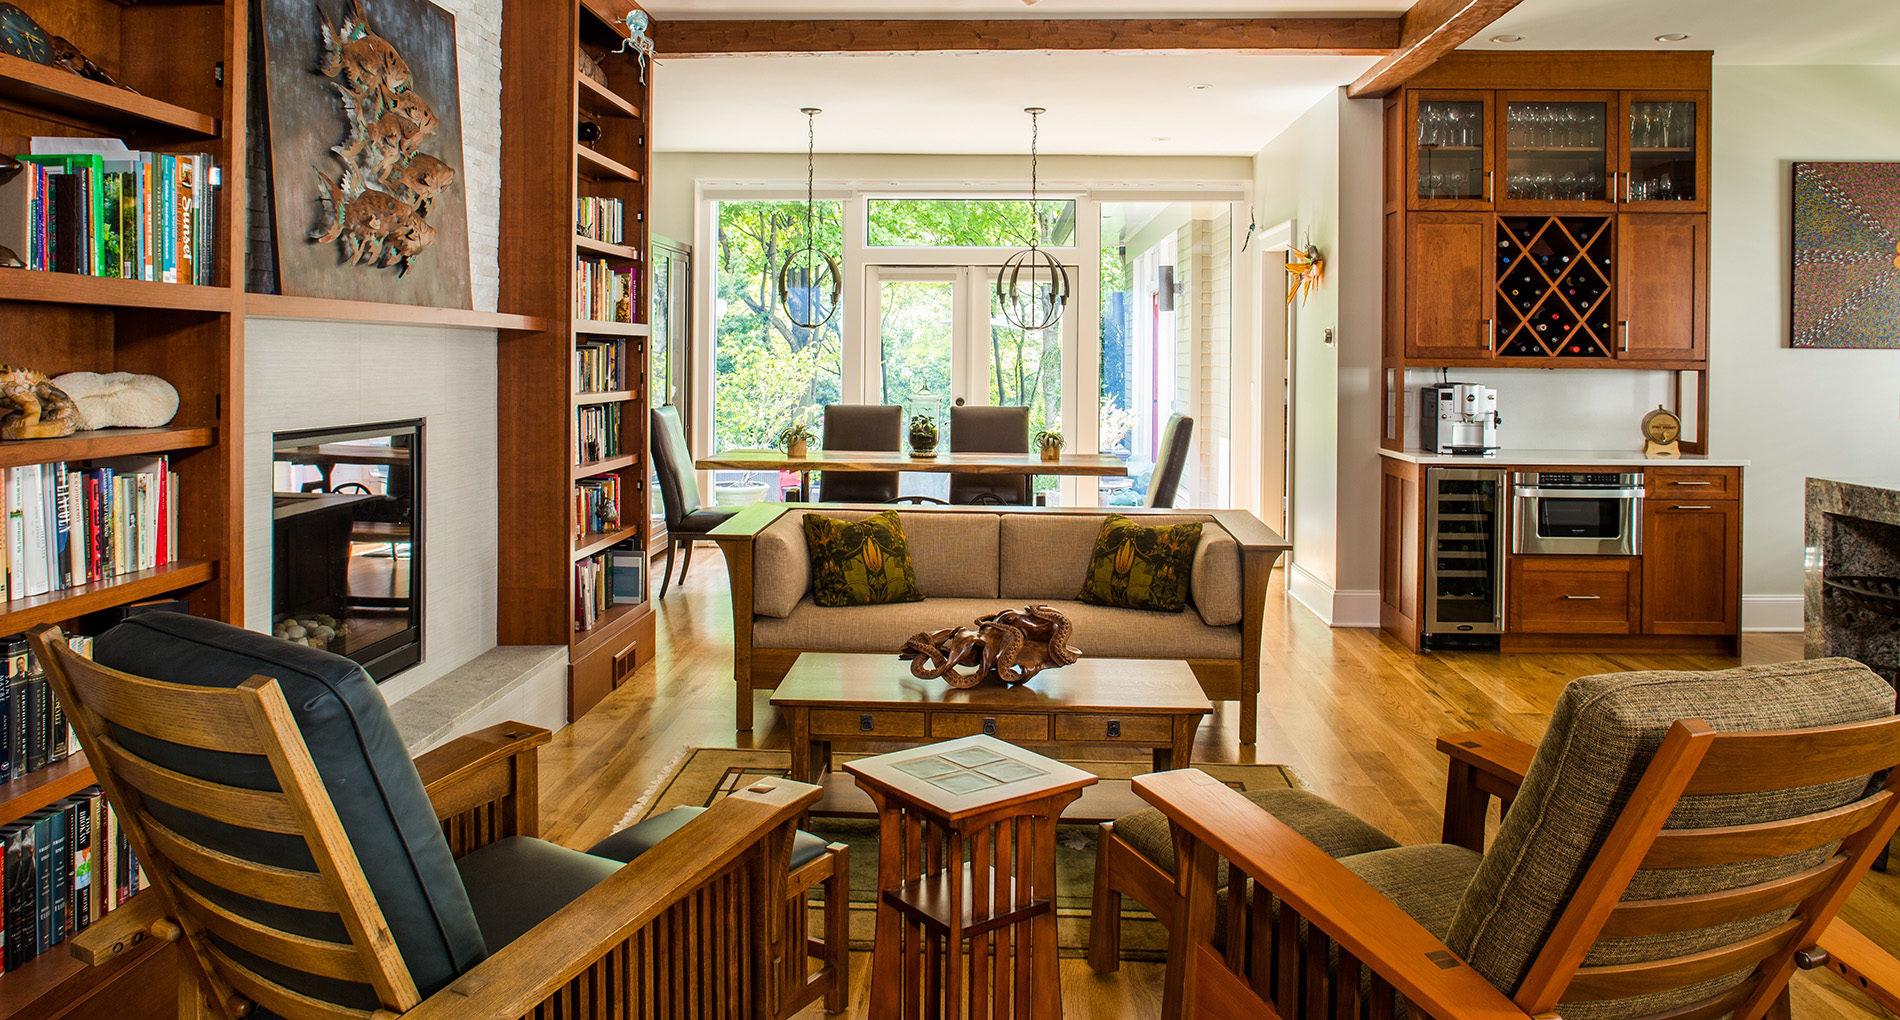 Home Renovation Decatur Virginiahighlandscraftsmanprairiebungalow Slider3